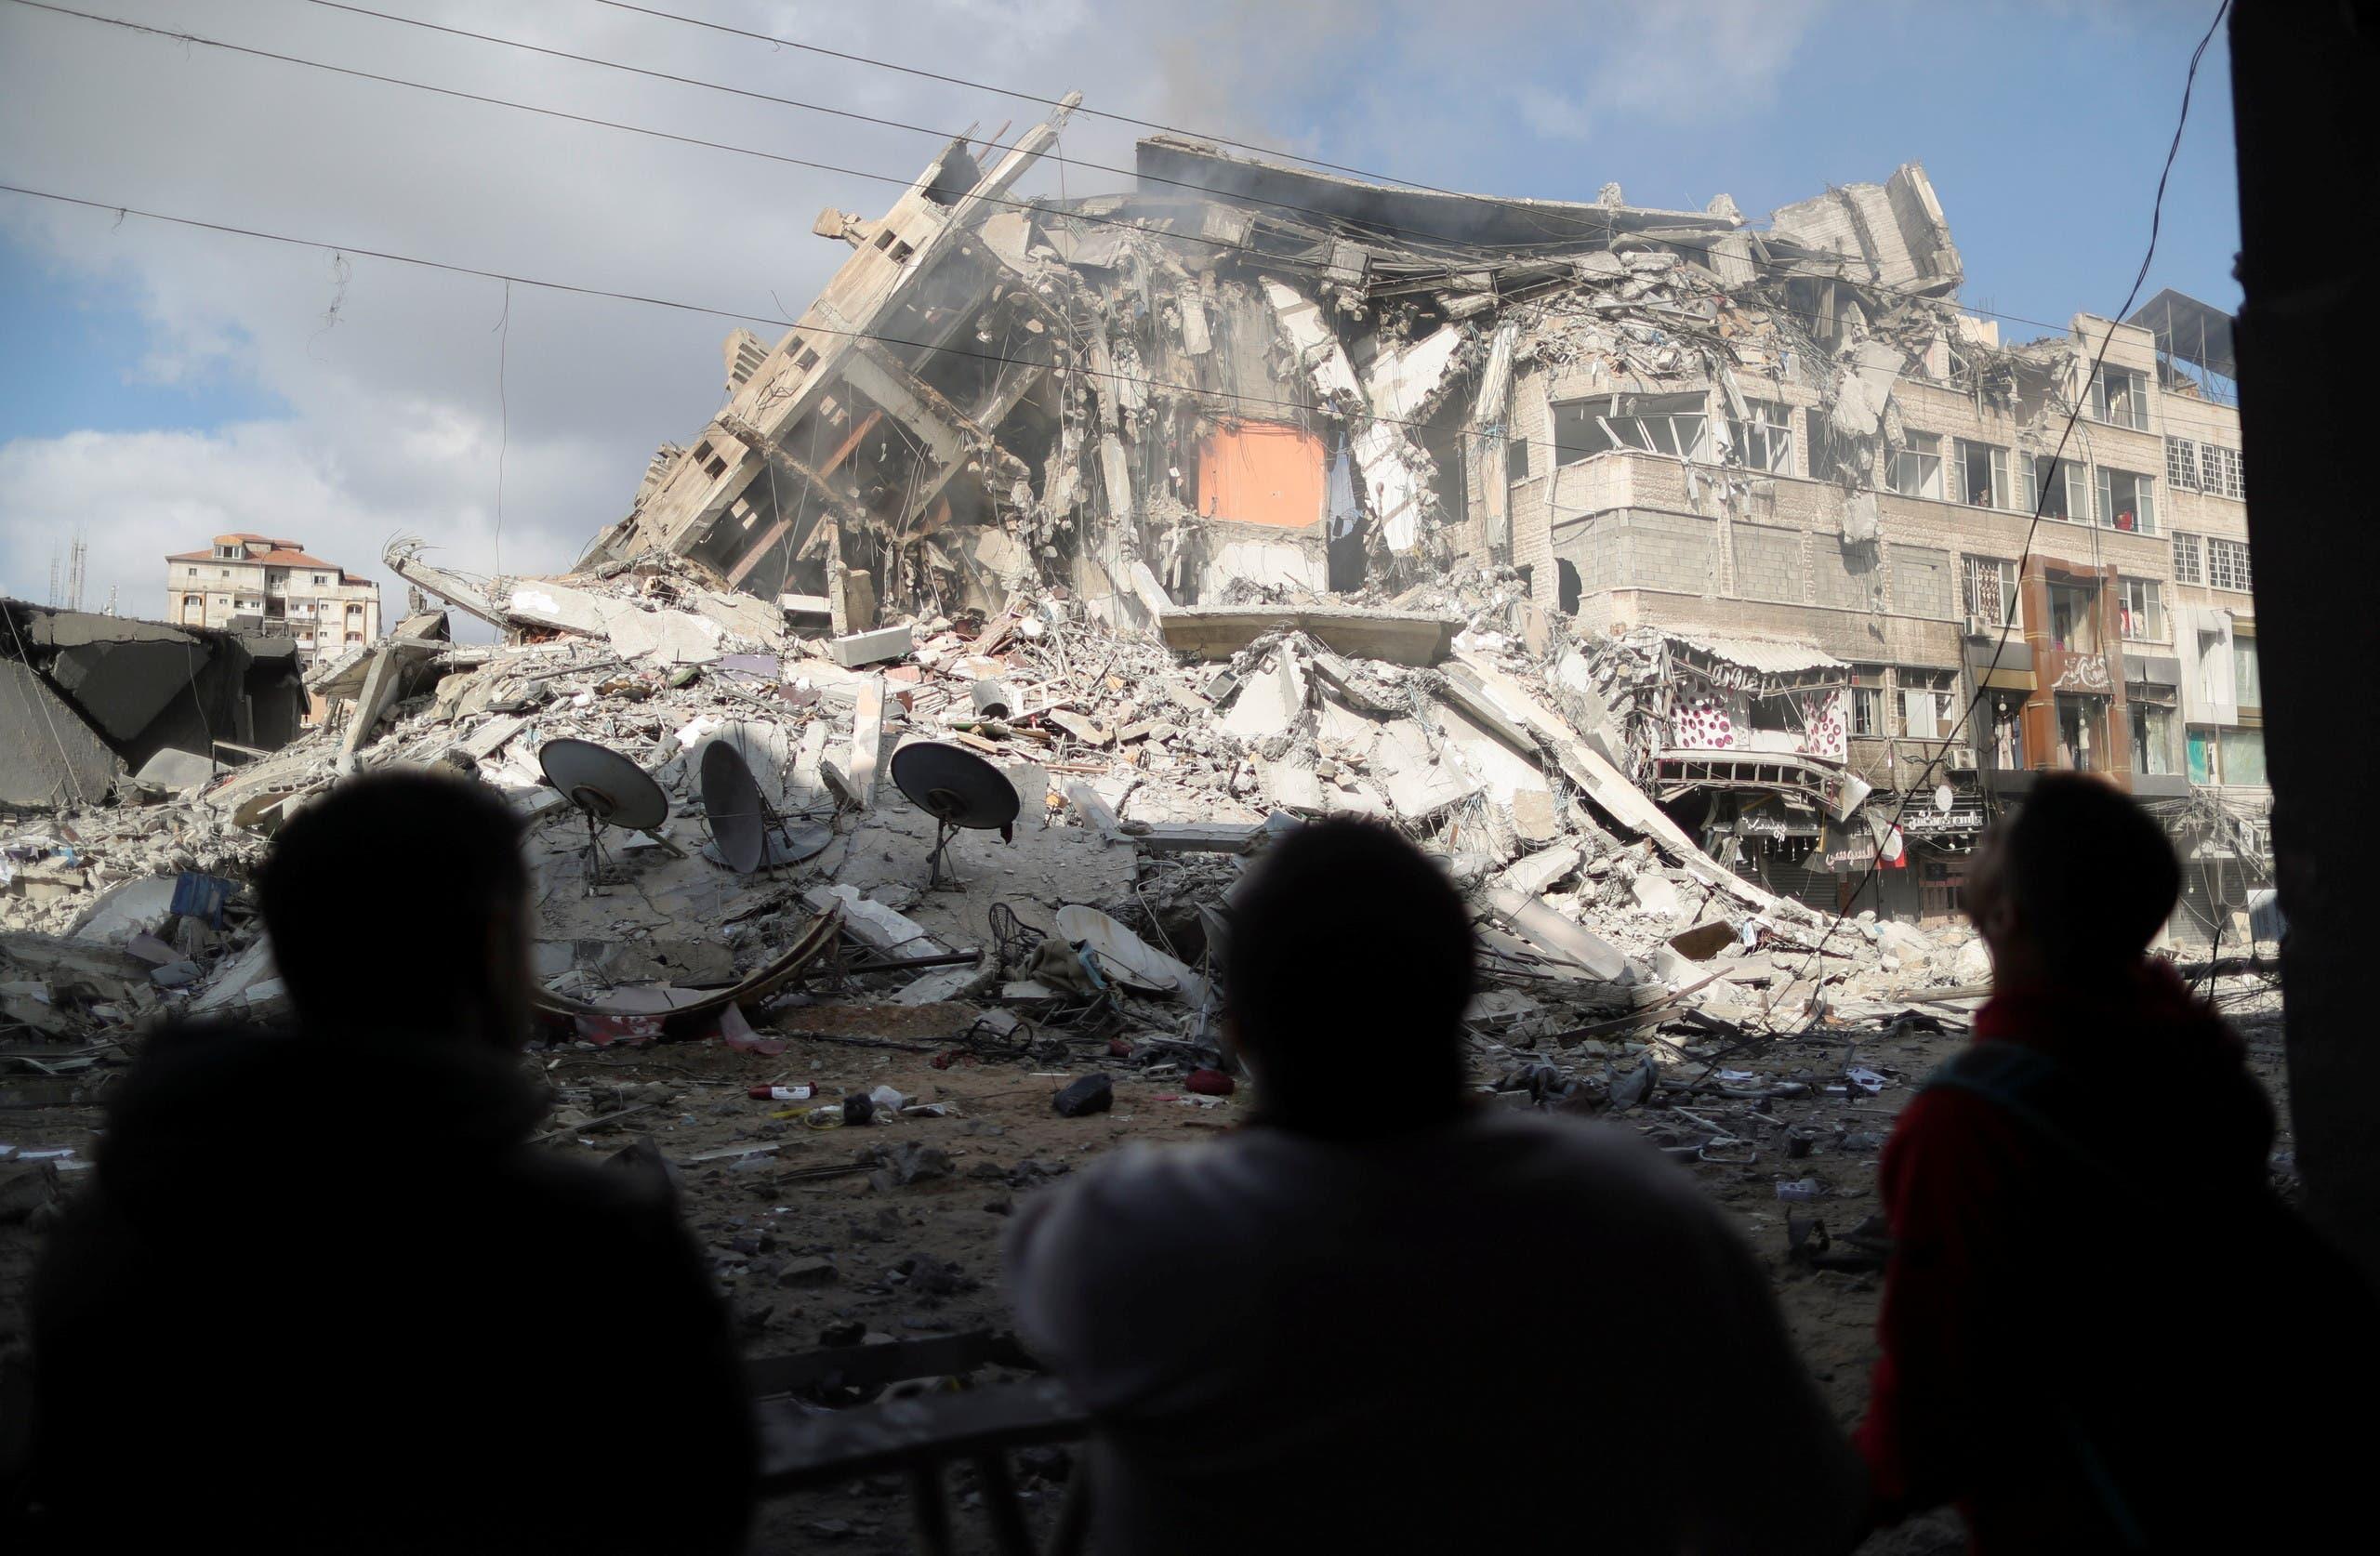 حطام منبنى في غزة دمره القصف الإسرائيلي الاخير